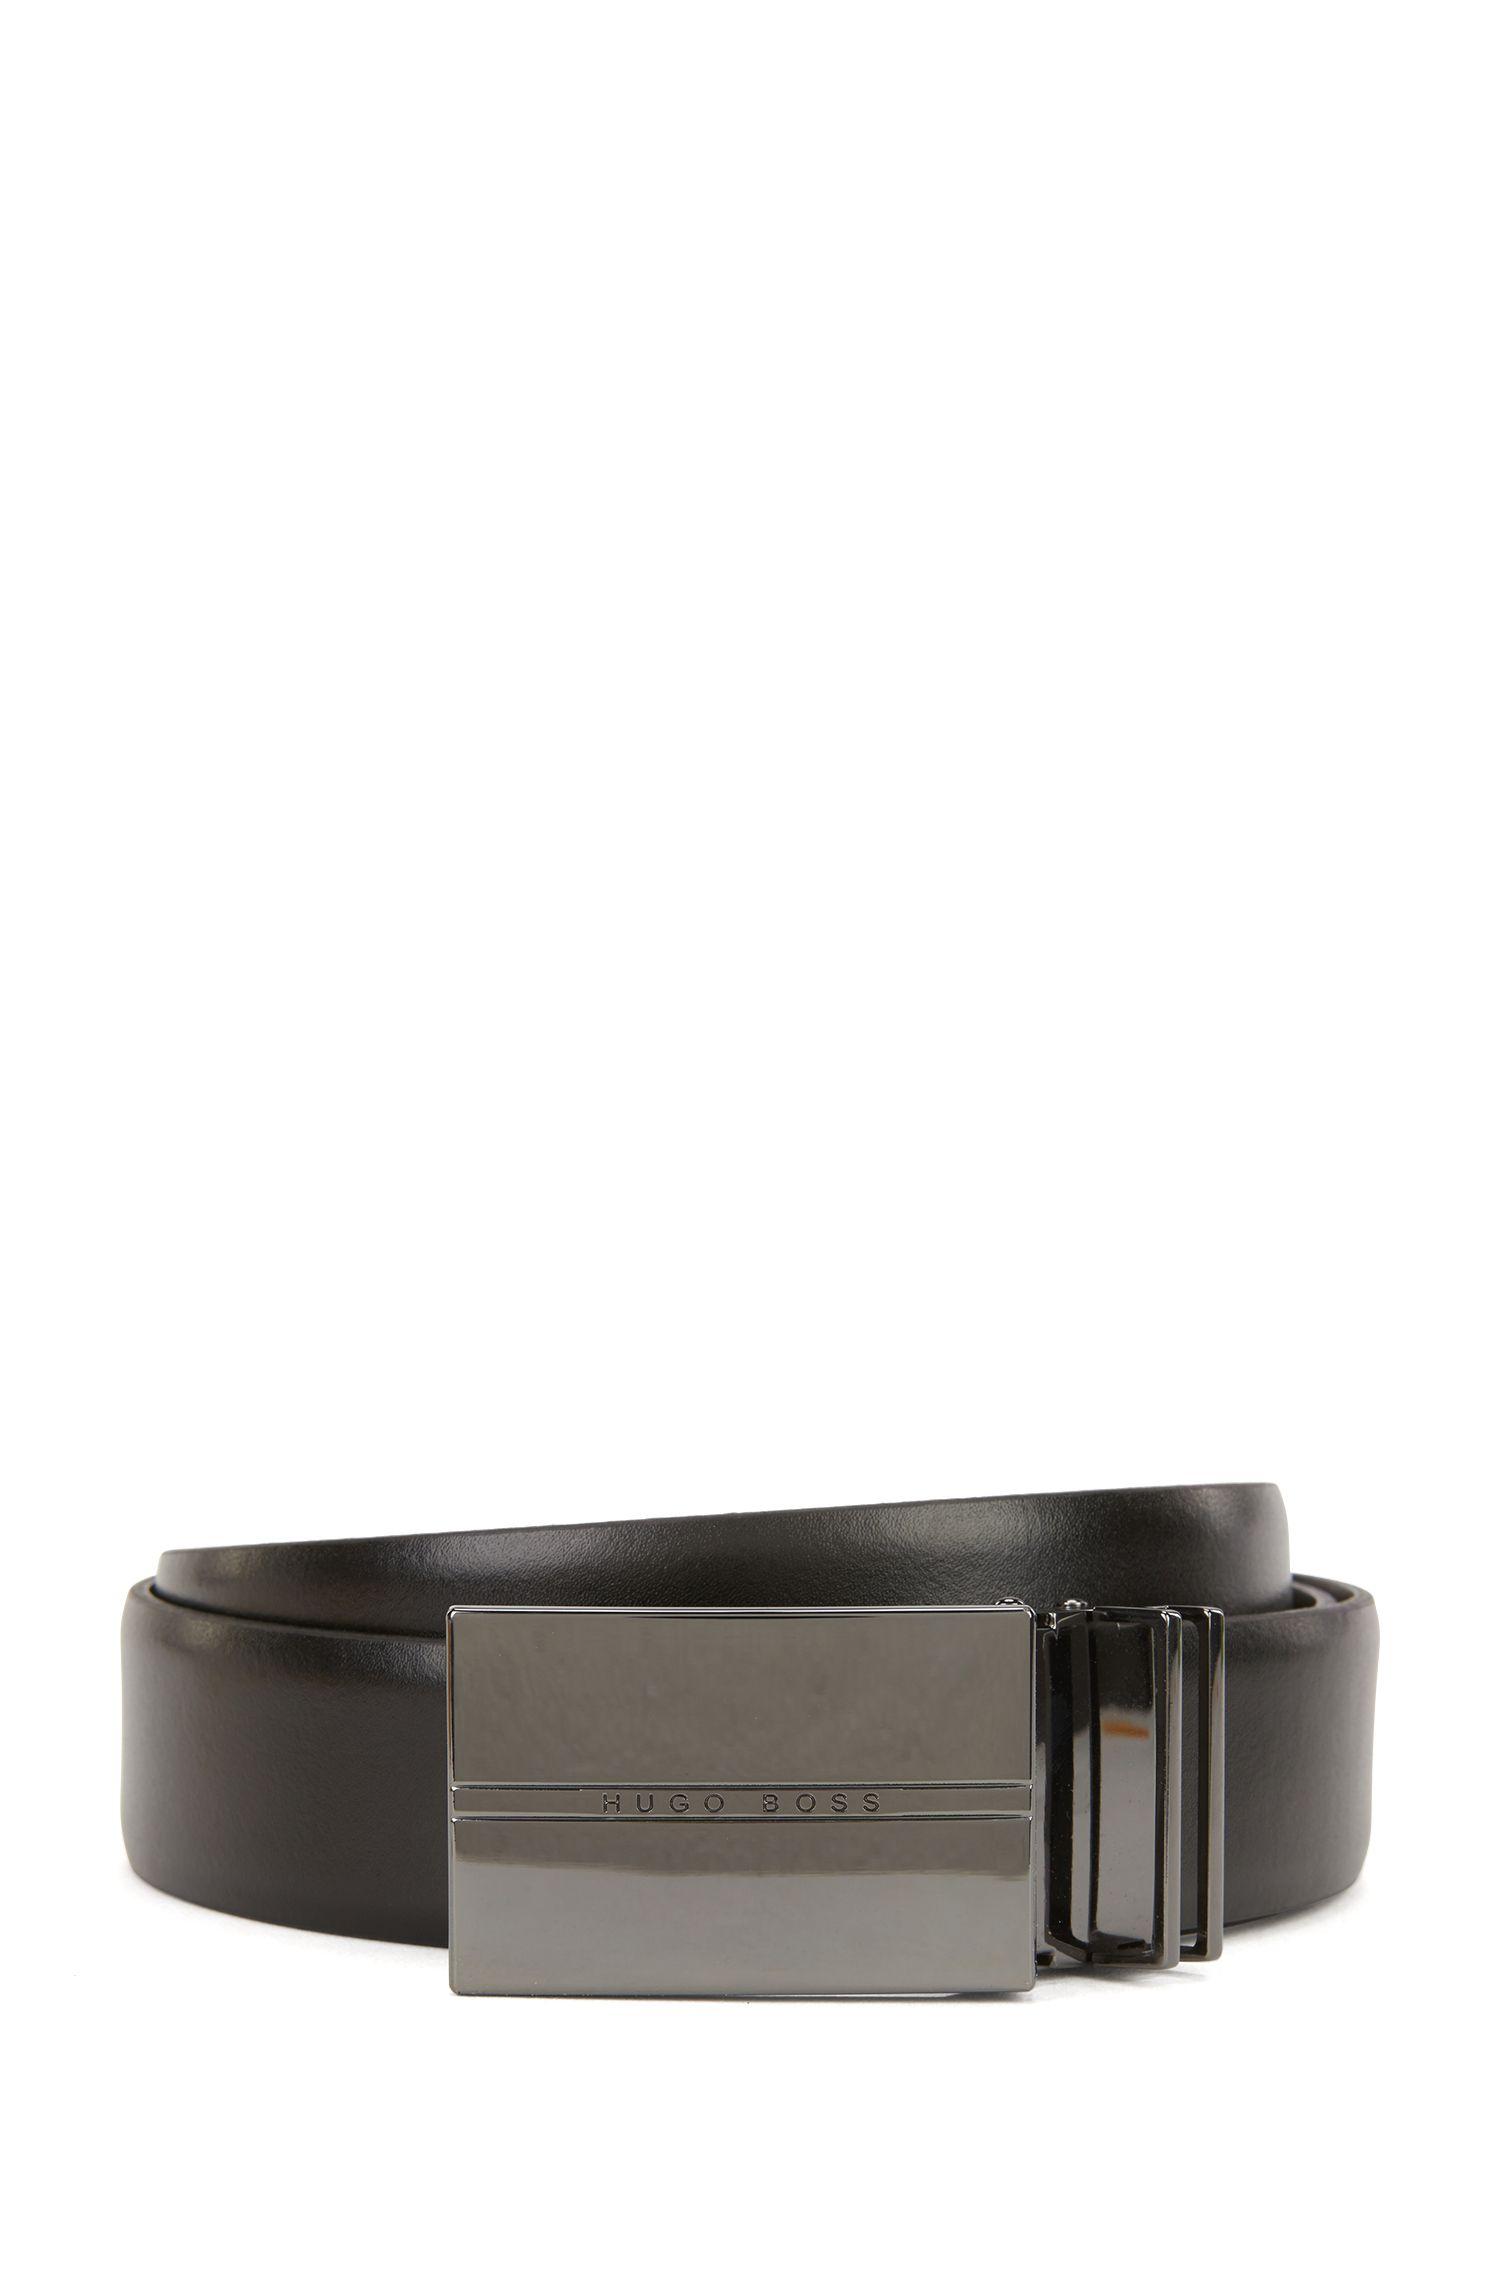 Coffret cadeau avec ceinture réversible en cuir lisse et boucle à double passant en métal poli couleur acier